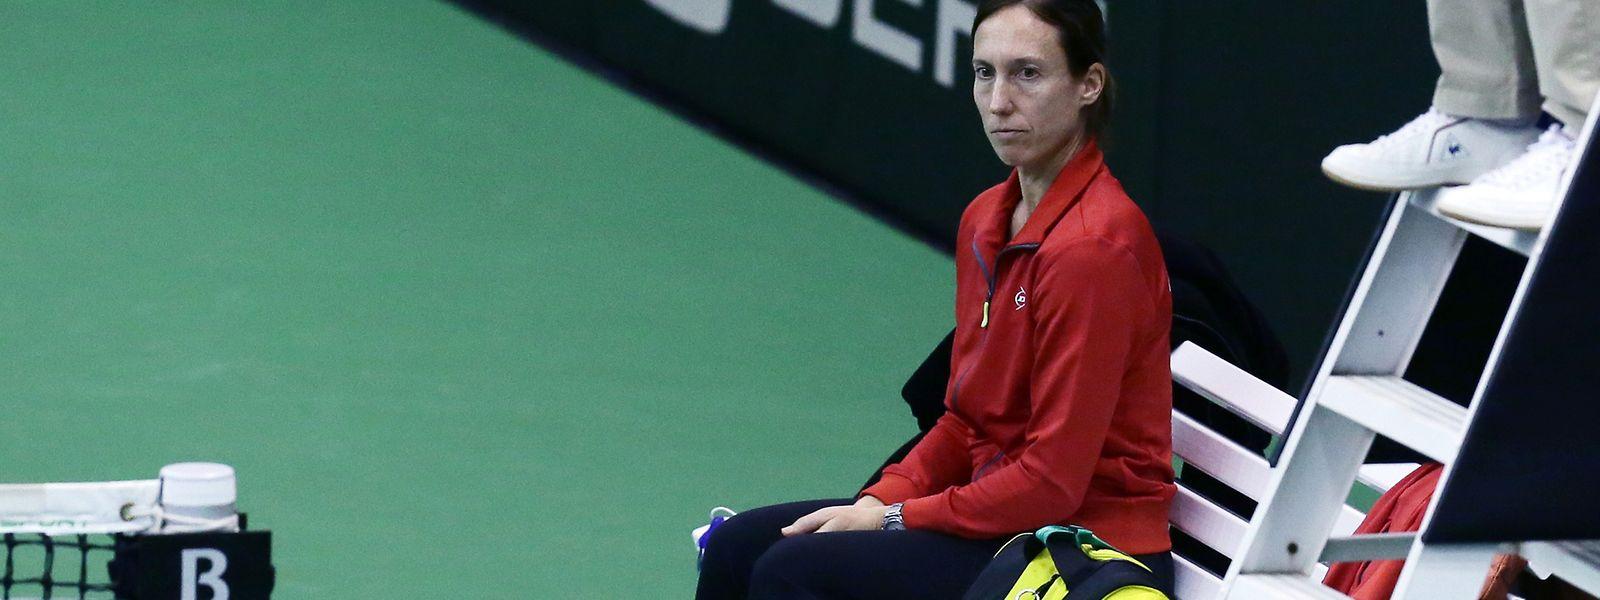 Anne Kremer ist dem Luxemburger Tennis als Fed-Cup-Kapitänin erhalten geblieben.